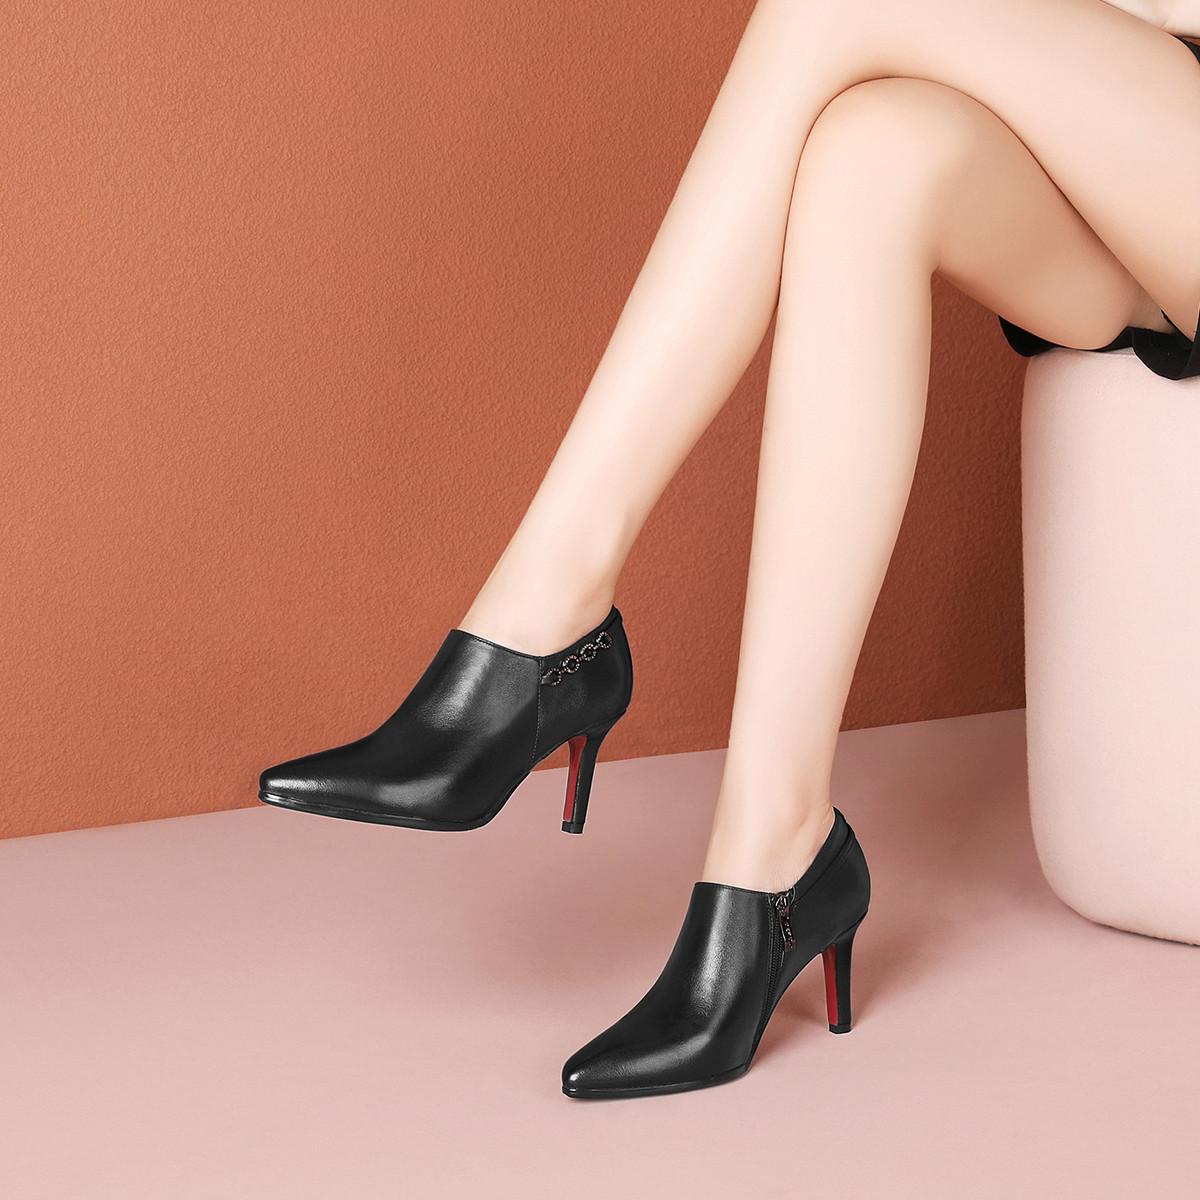 2021新款春季尖头细高跟个性带钻链子时尚深口百搭女单鞋女鞋